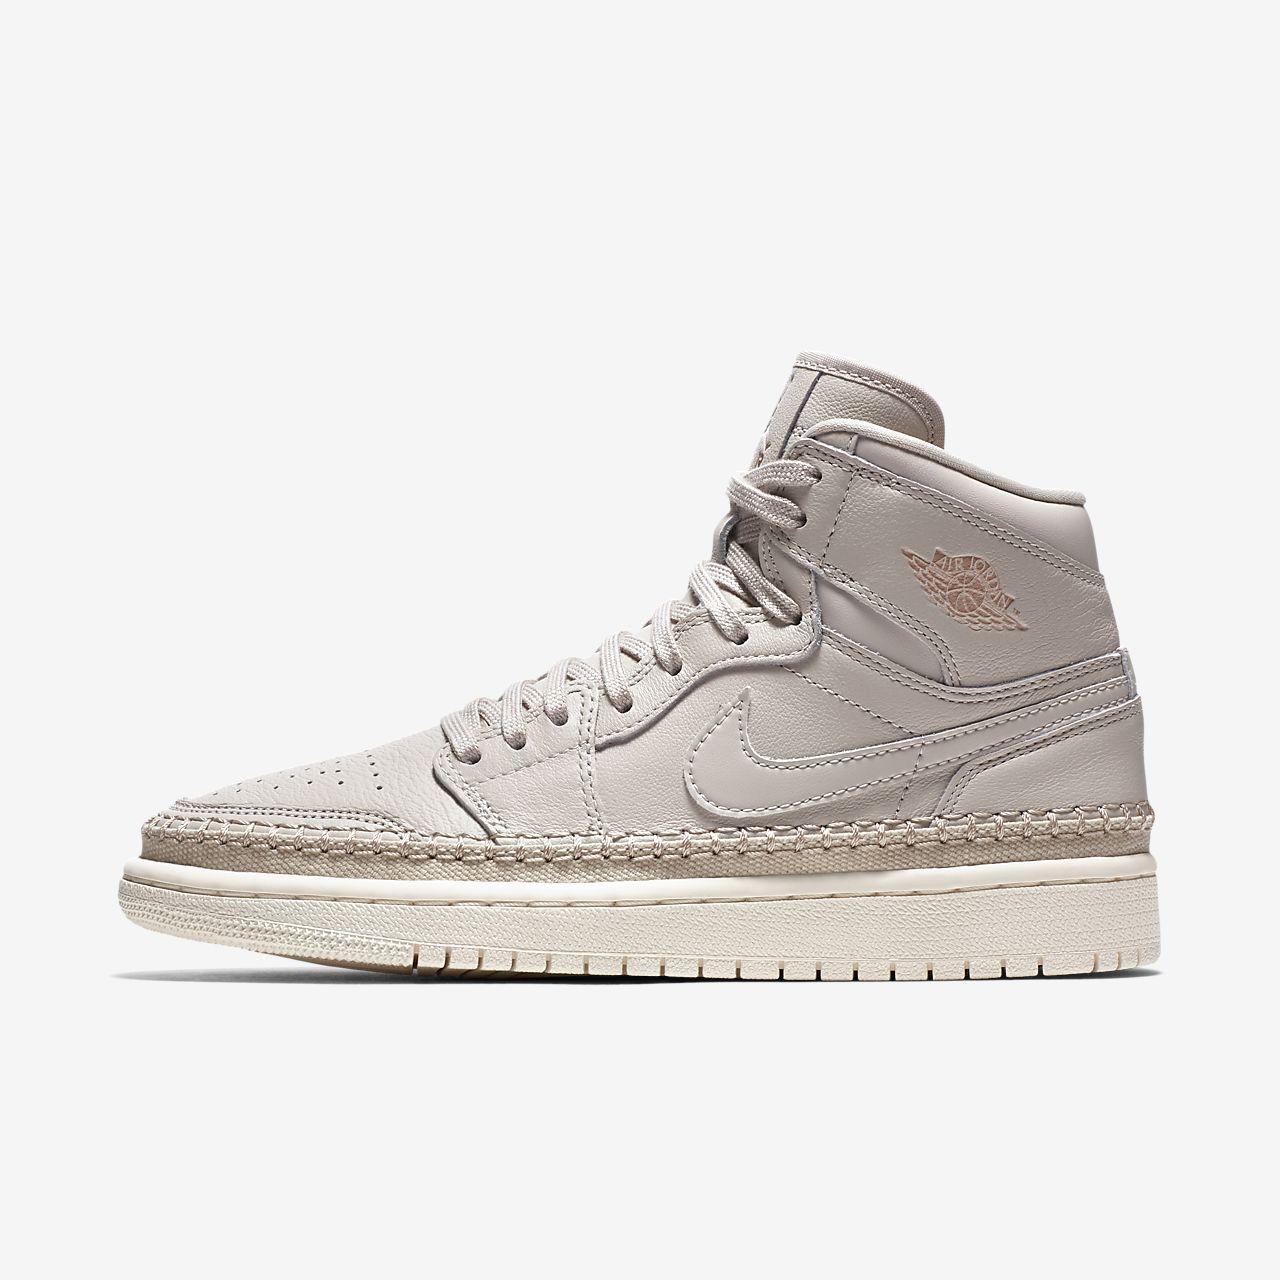 buy popular bb26b ae9c7 ... Air Jordan 1 Retro High Premium Damenschuh